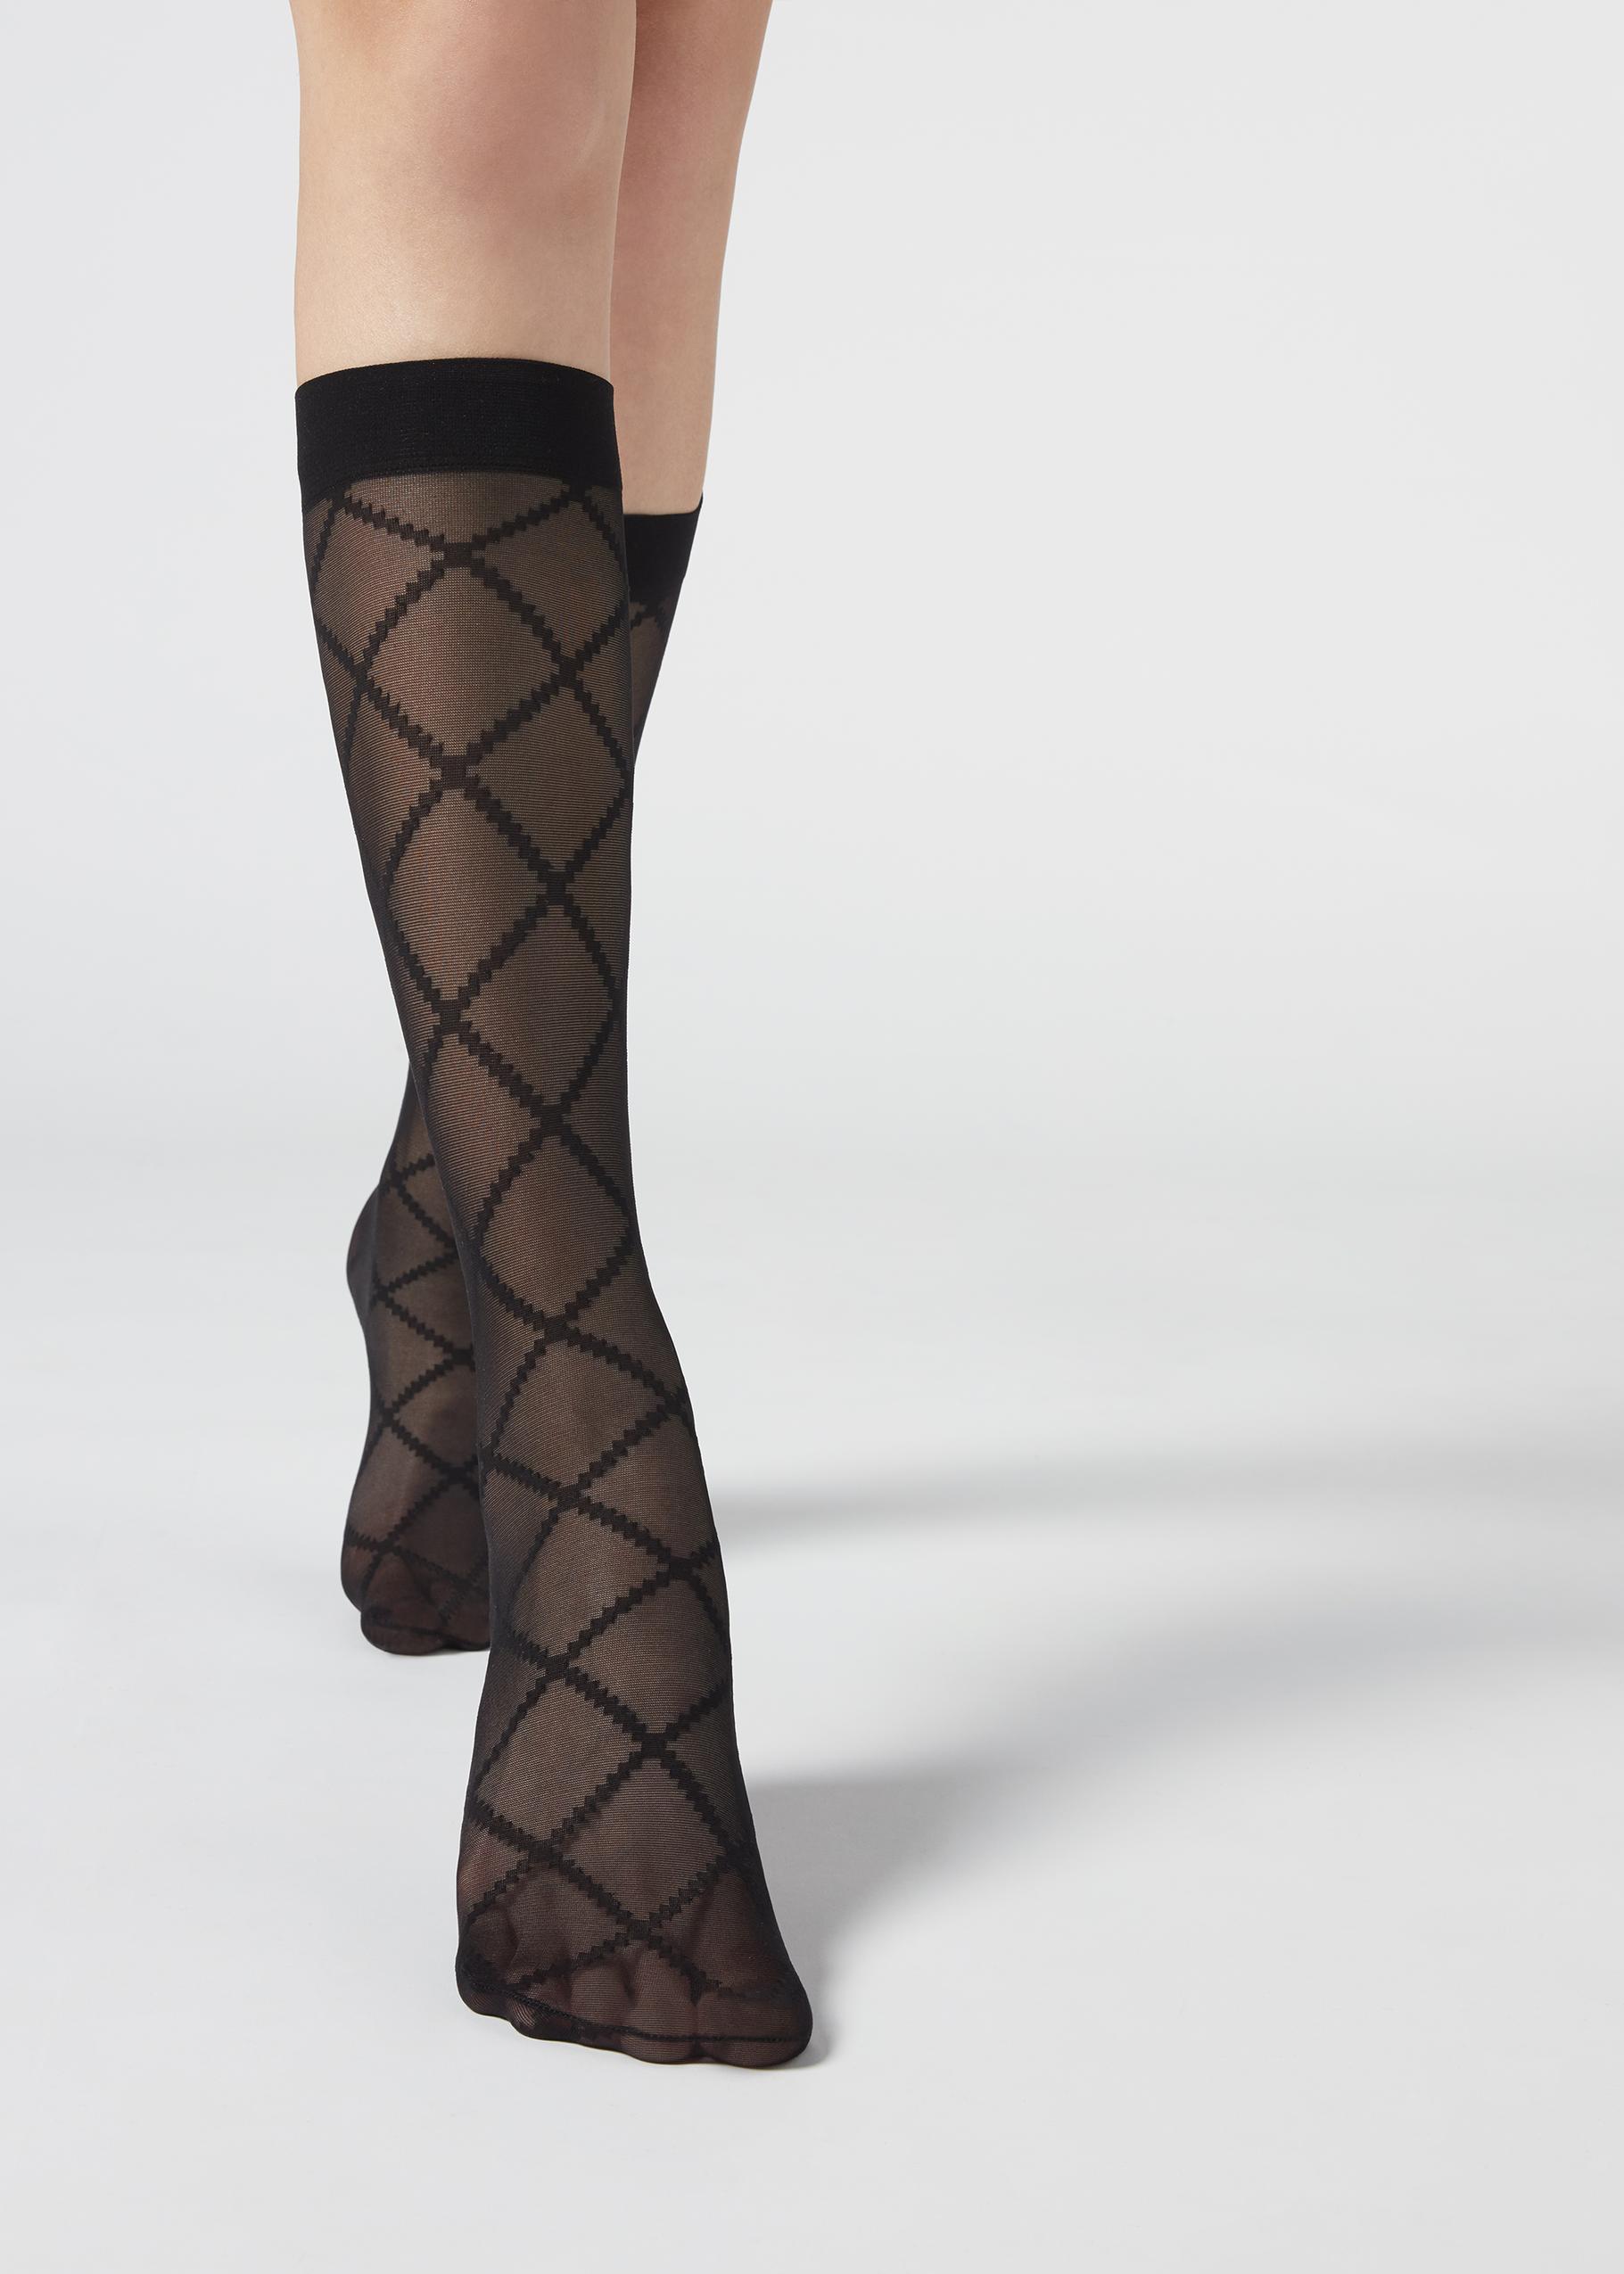 20 Denier Sheer Tights - Basic tights - Calzedonia